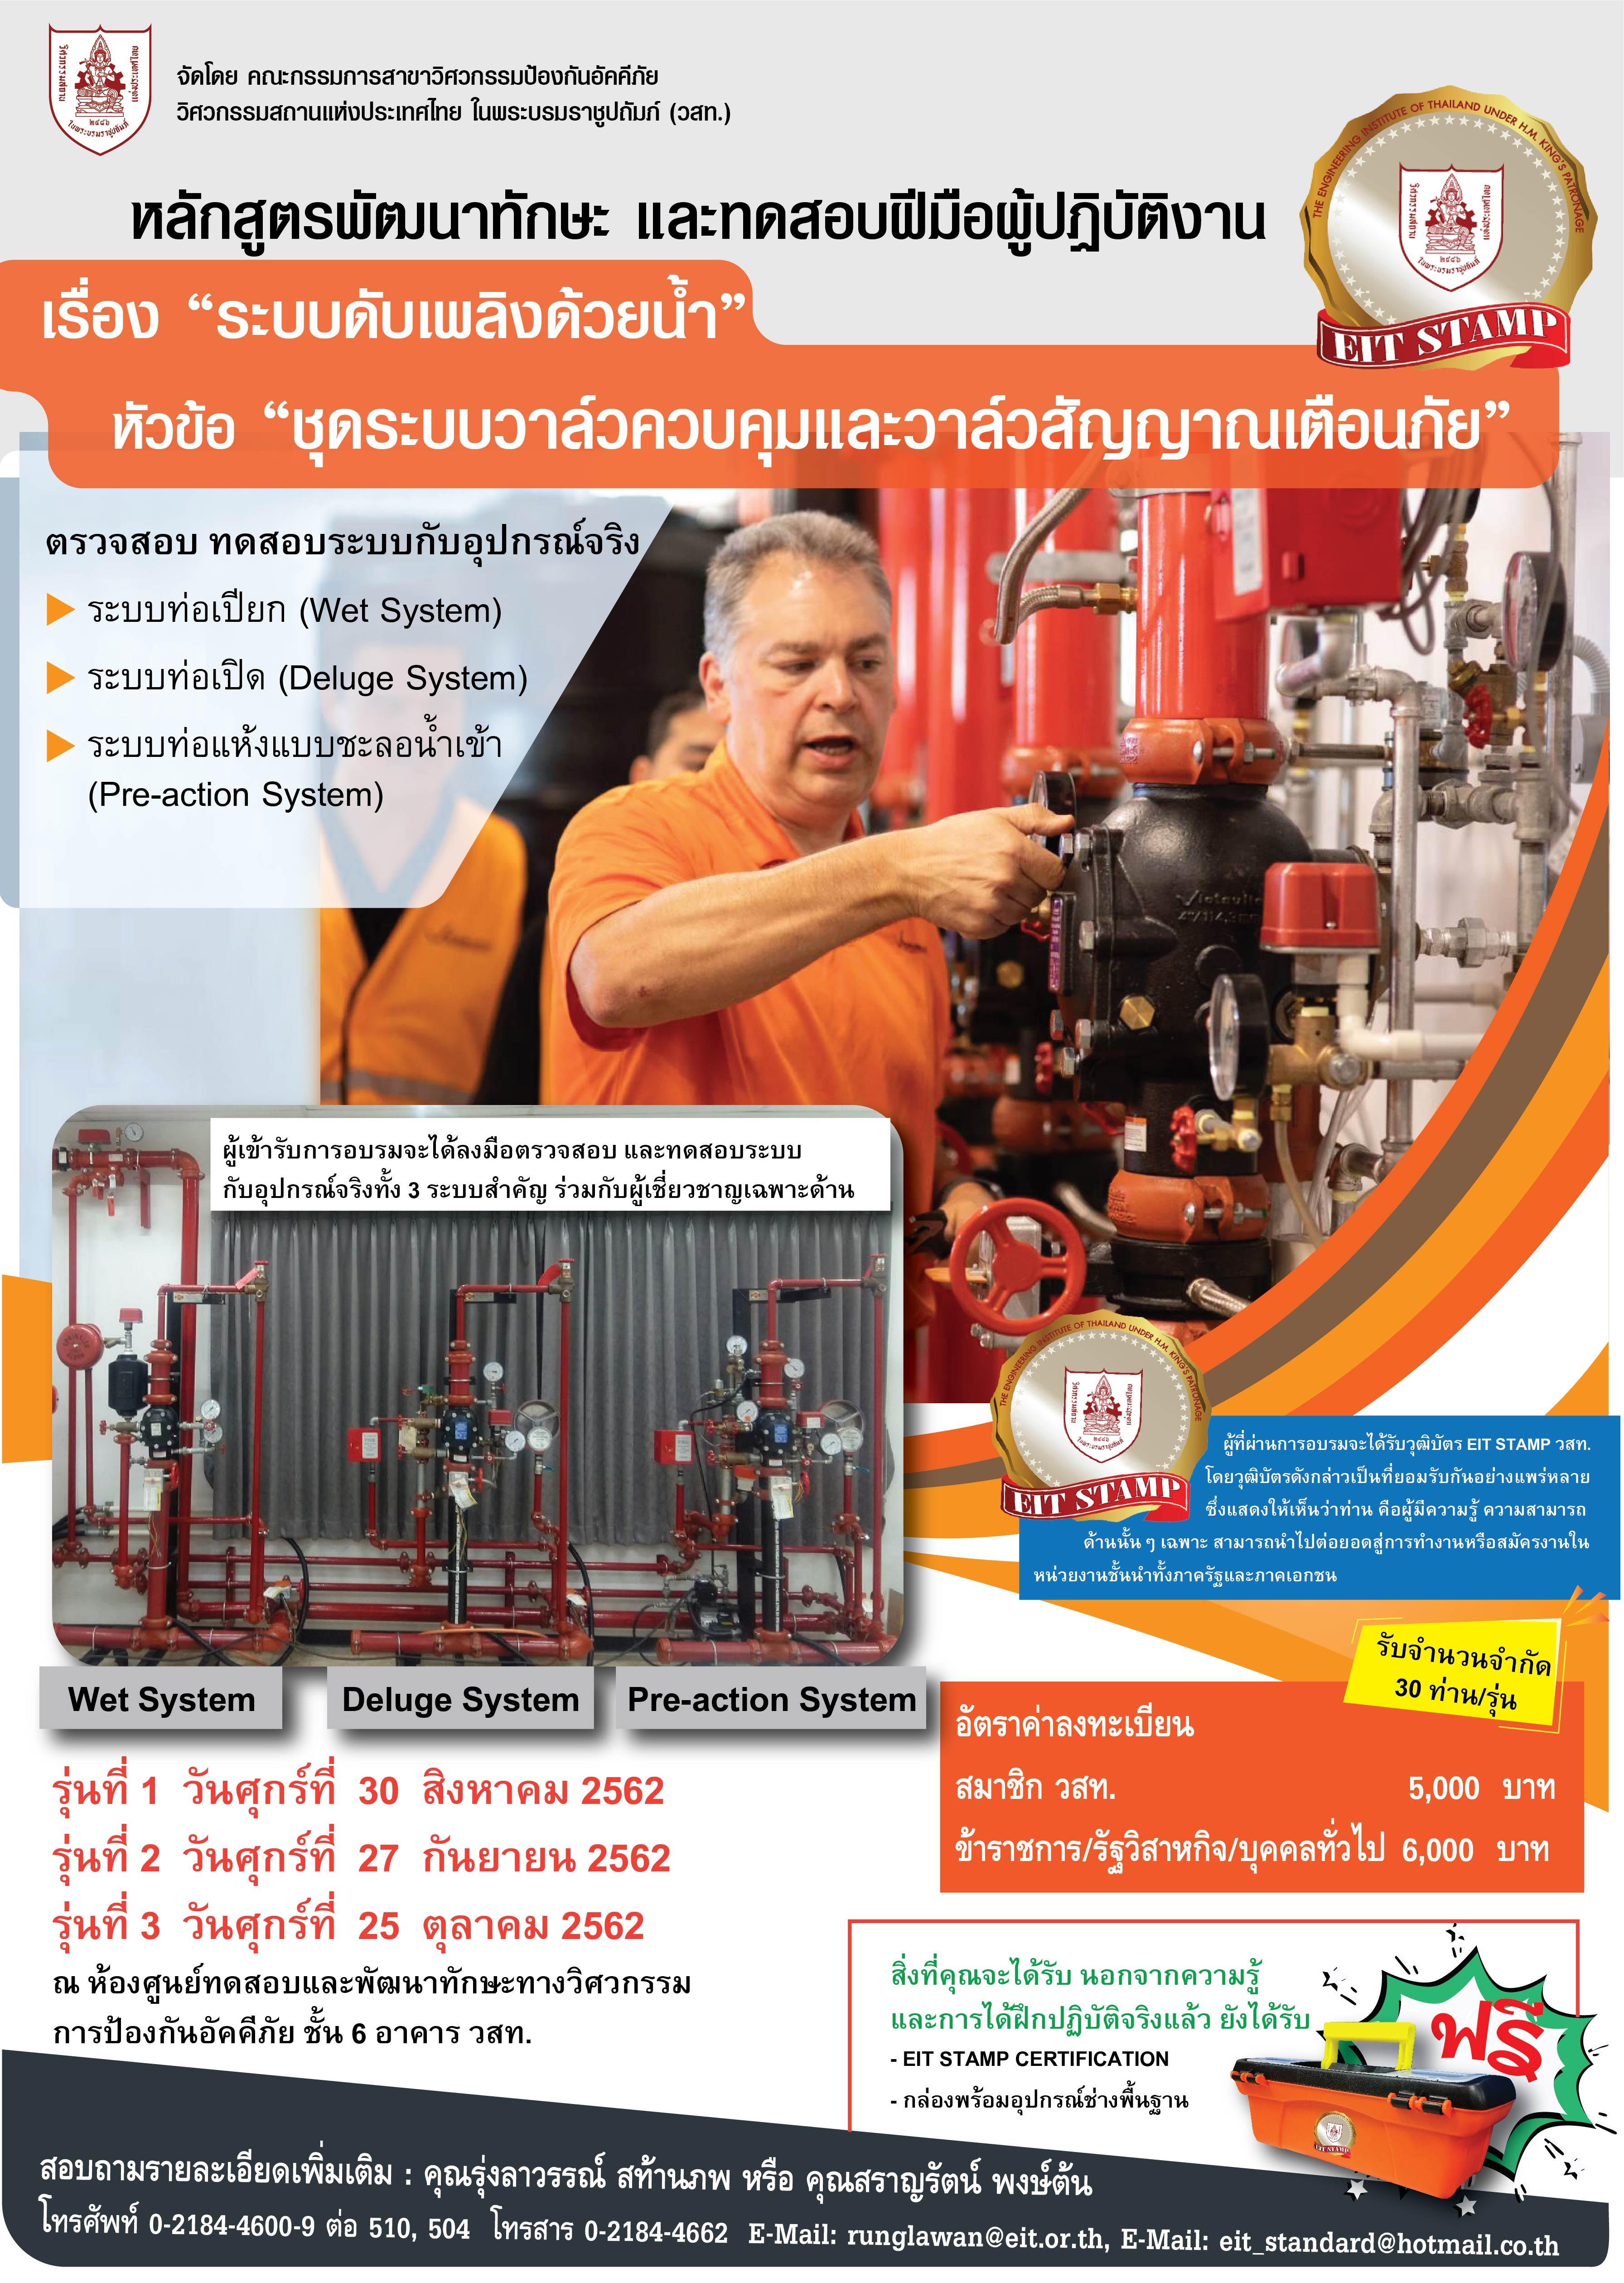 """30/08/62 หลักสูตรพัฒนาทักษะ และทดสอบฝีมือผู้ปฏิบัติงาน เรื่อง """"ระบบดับเพลิงด้วยน้ำ"""" รุ่นที่ 1"""